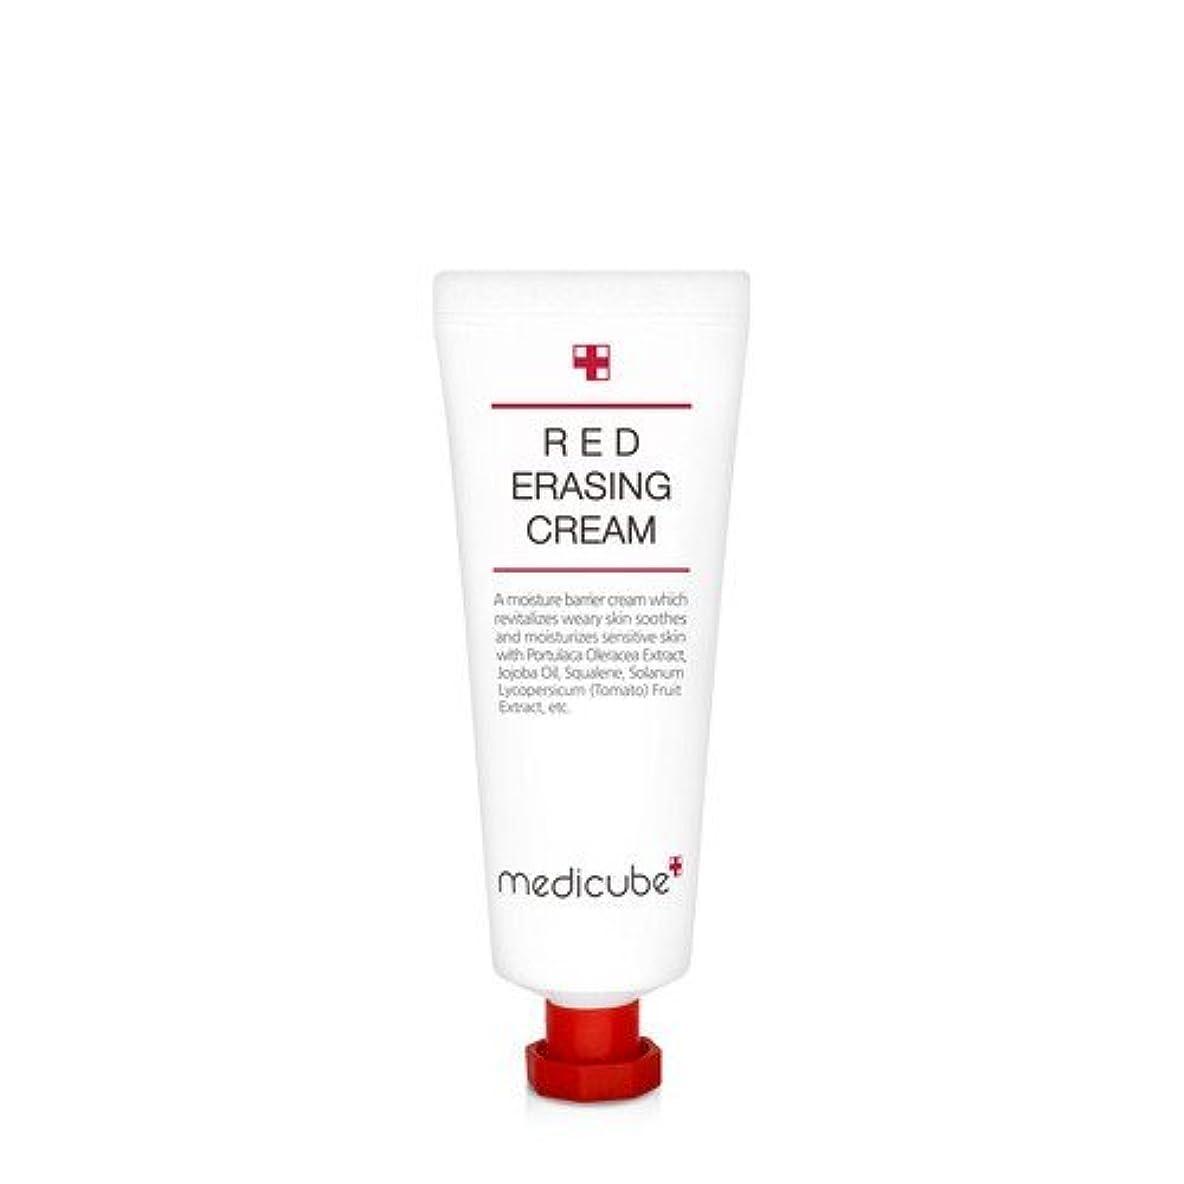 ボイラーカーテン六分儀[Medicube]Red Erasing Cream 50g / メディキューブレッドイレイジングクリーム / 正品?海外直送商品 [並行輸入品]